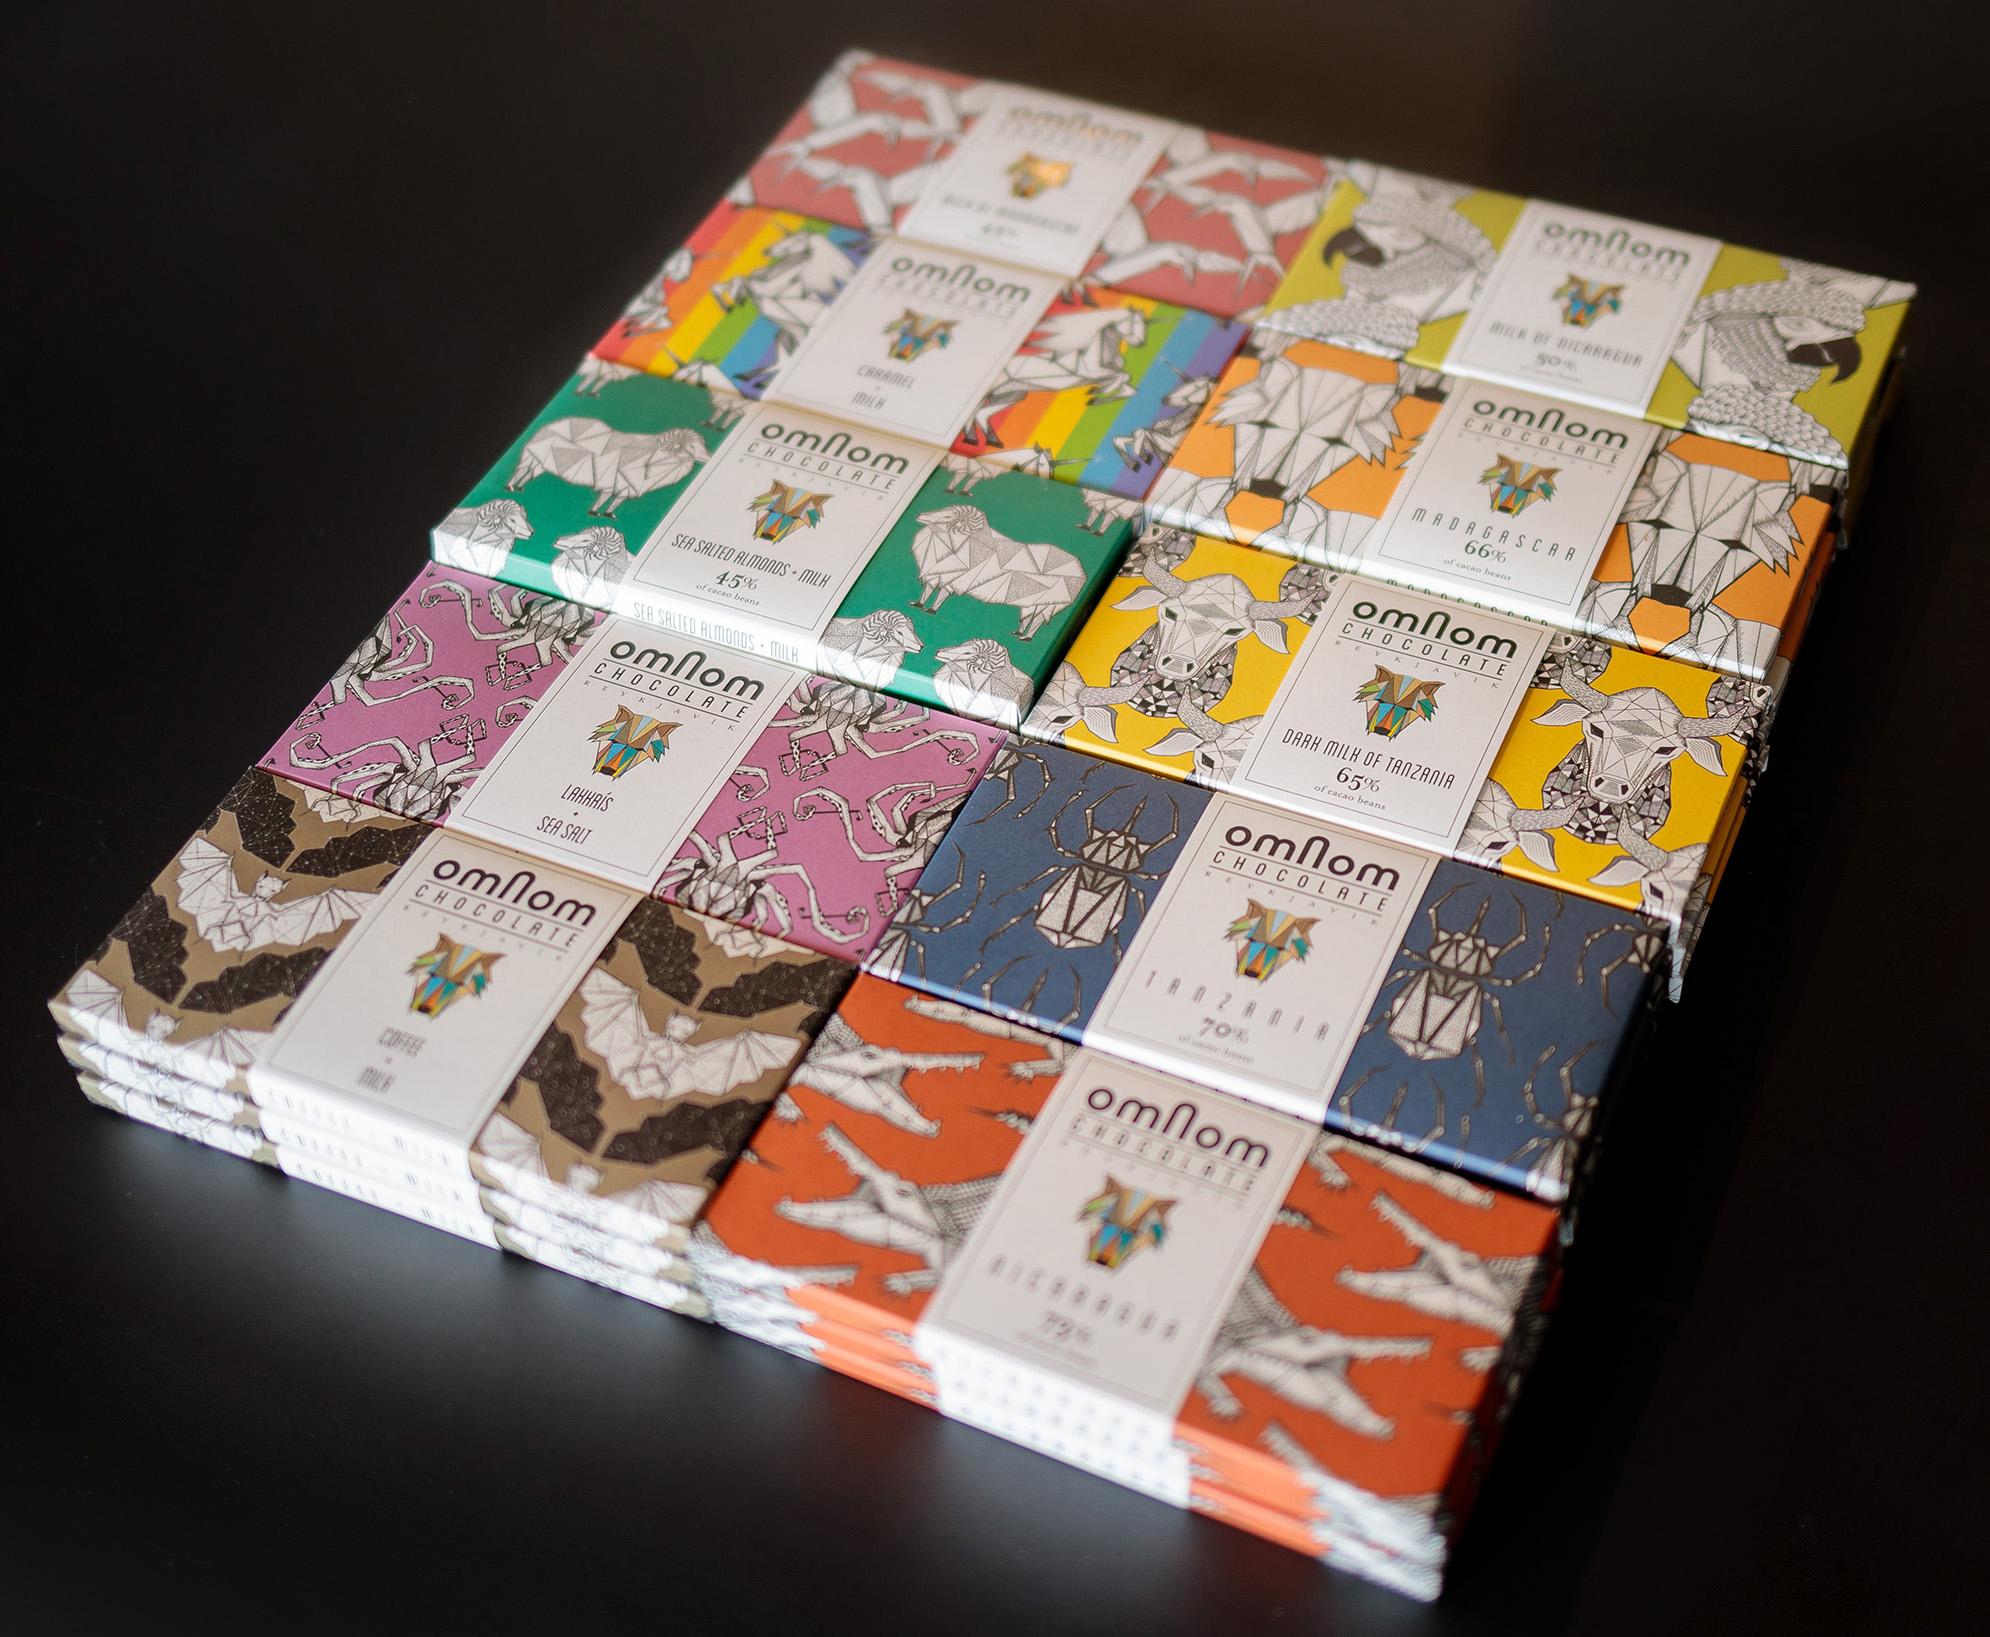 冰島手信| OmNom巧克力—你知道他們有一個可以參觀的朱古力工廠嗎? | Guide to Iceland